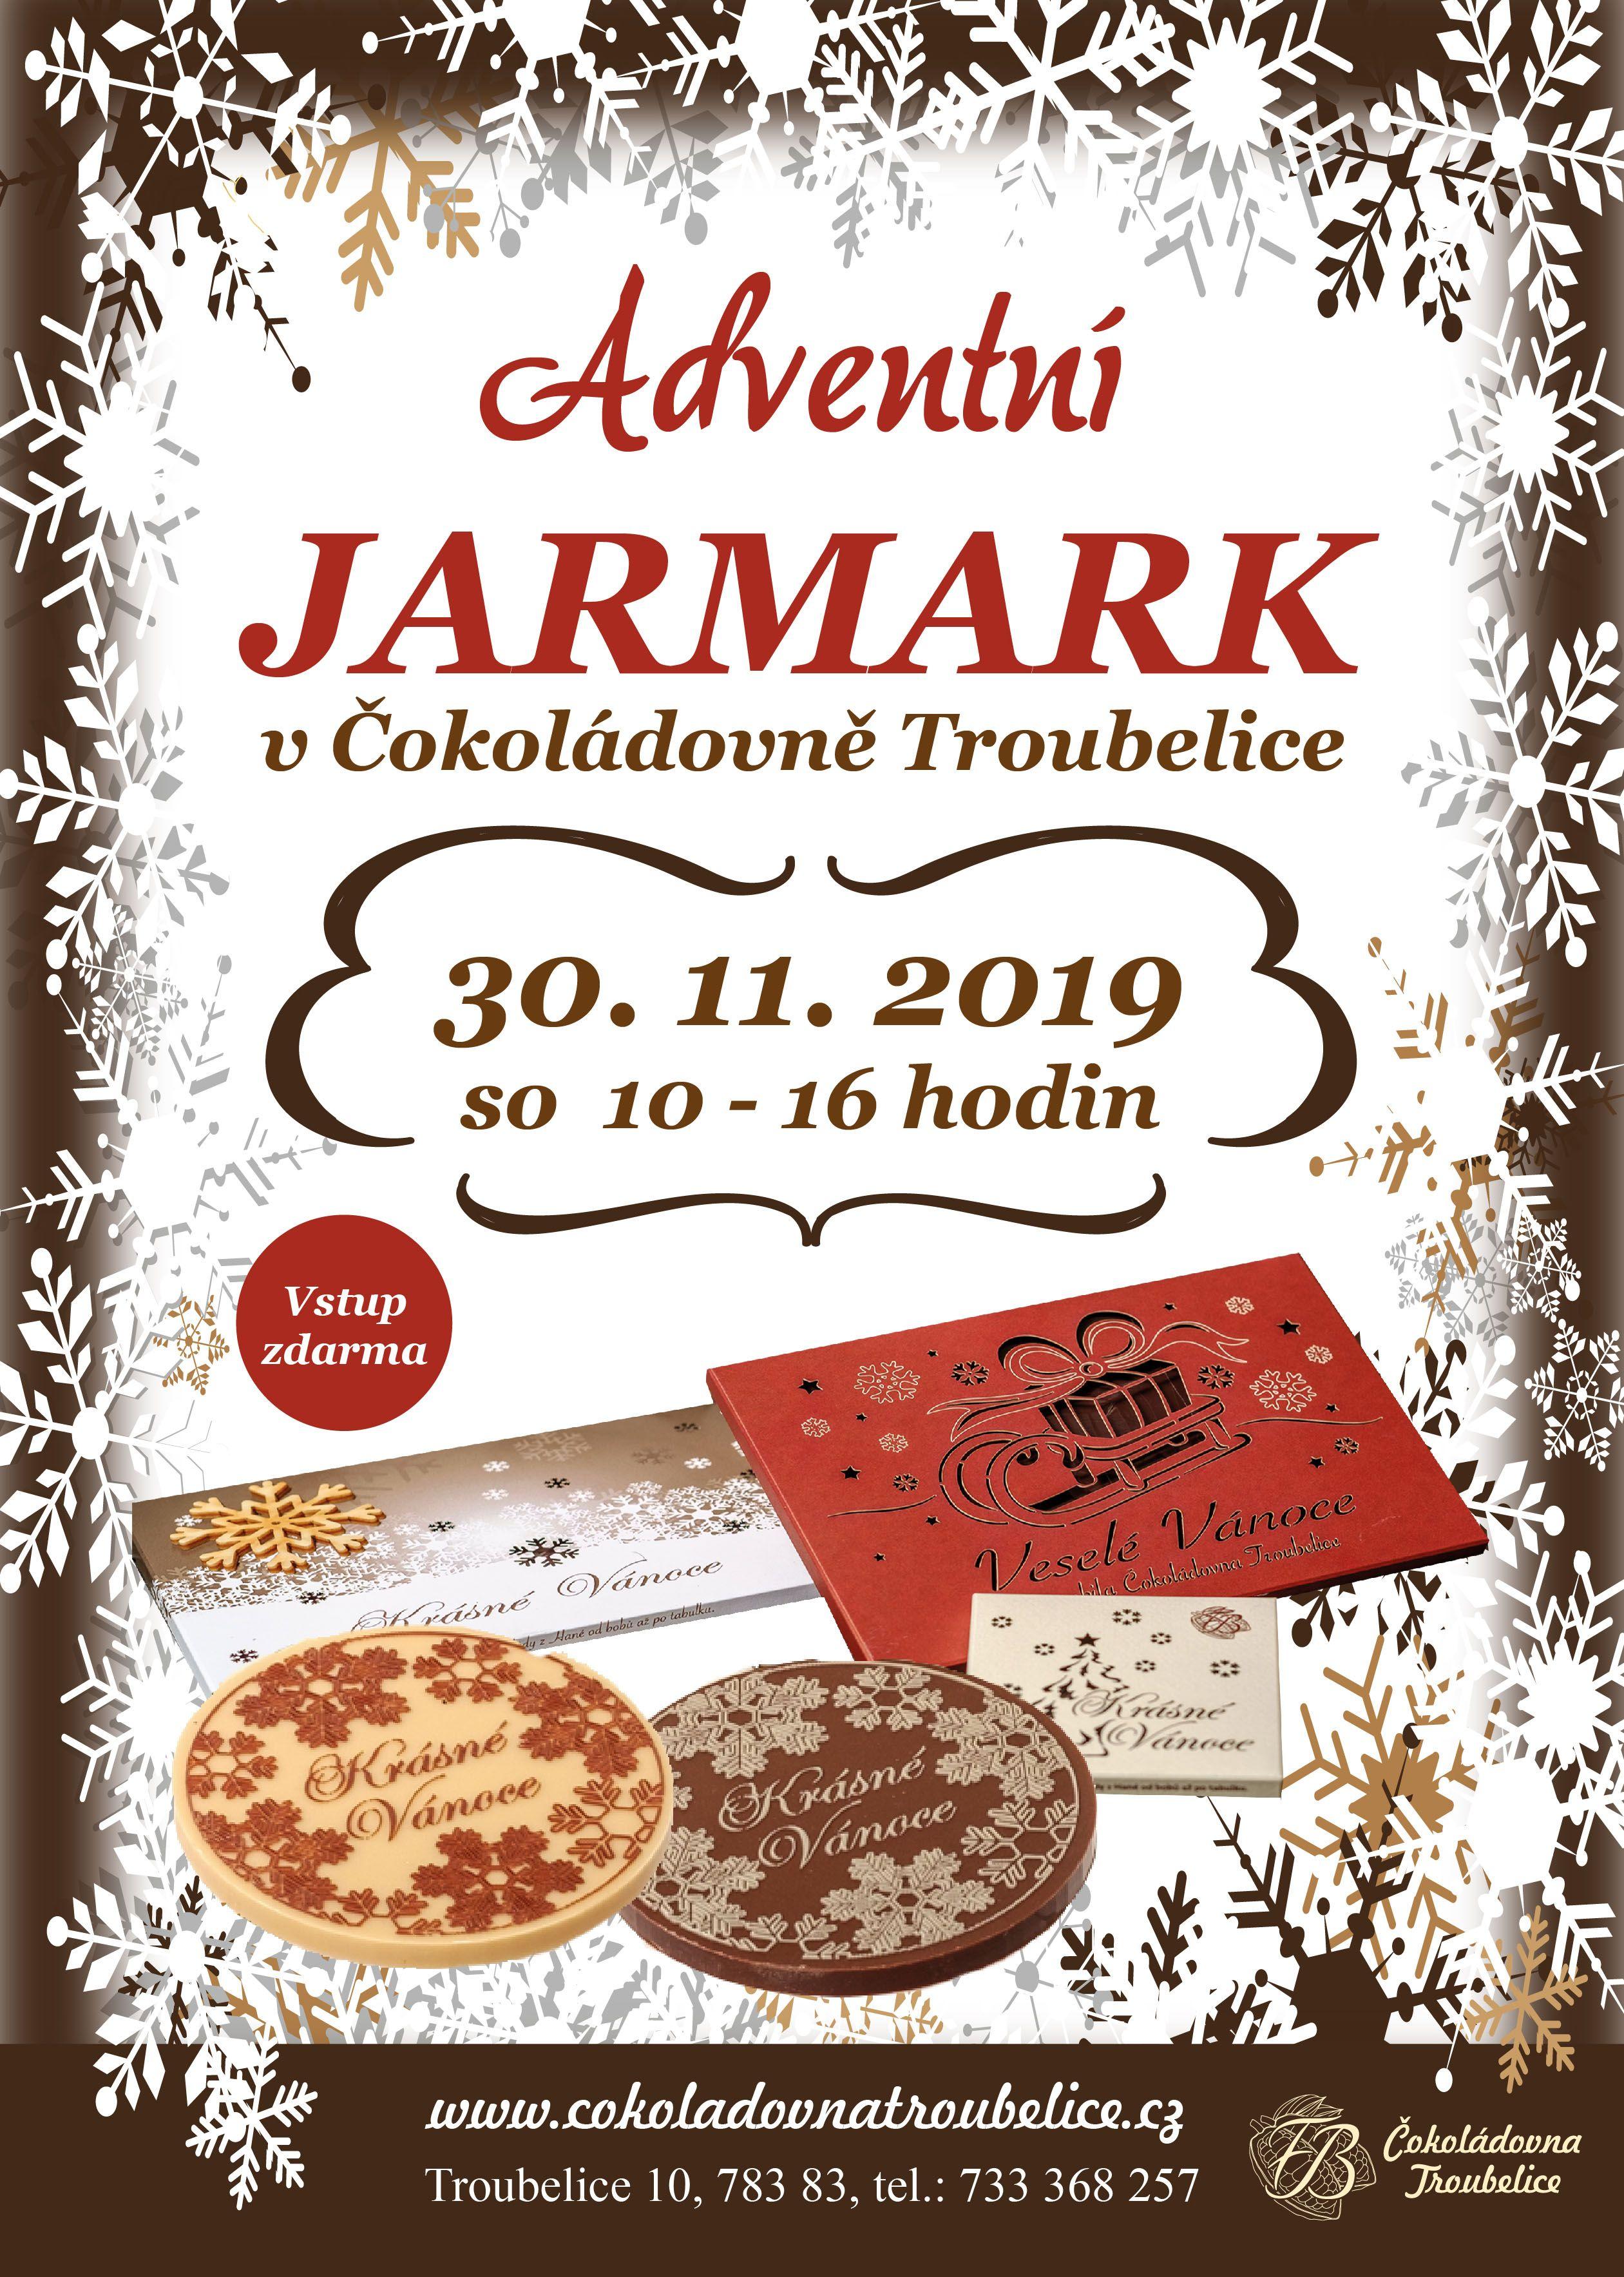 advent-jarmark-final_2019-compressor_1